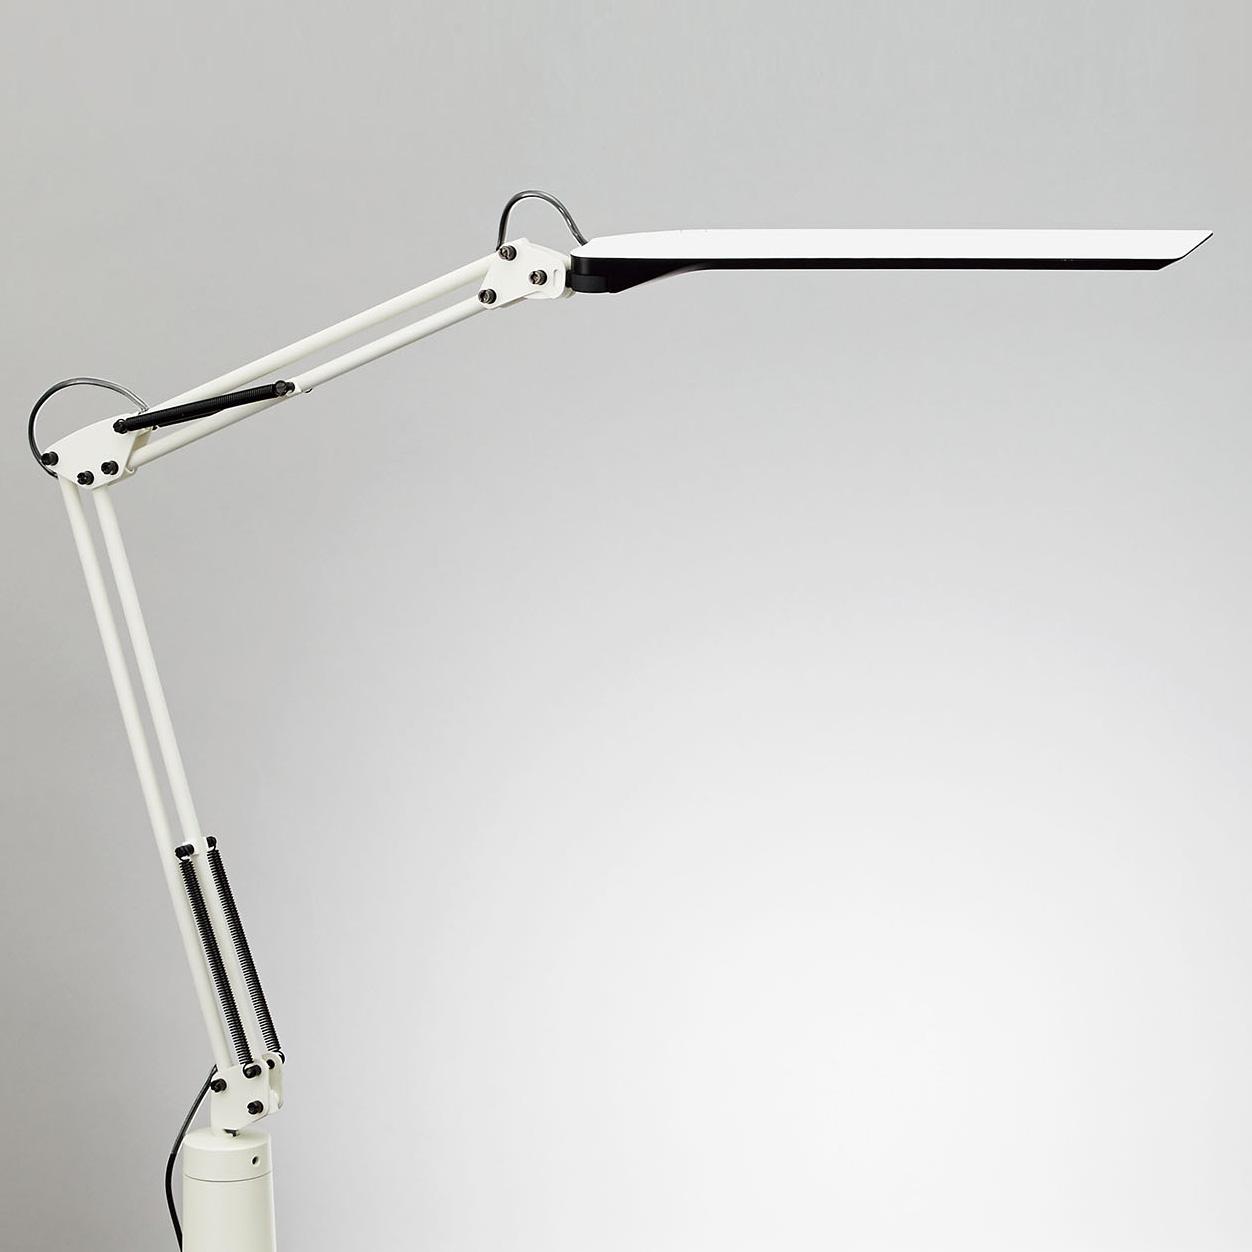 山田照明 Zライト LEDデスクライト 調光・調色タイプ Z-N1100W ホワイト×ブラック 工場作業用照明 【送料無料】【KK9N0D18P】